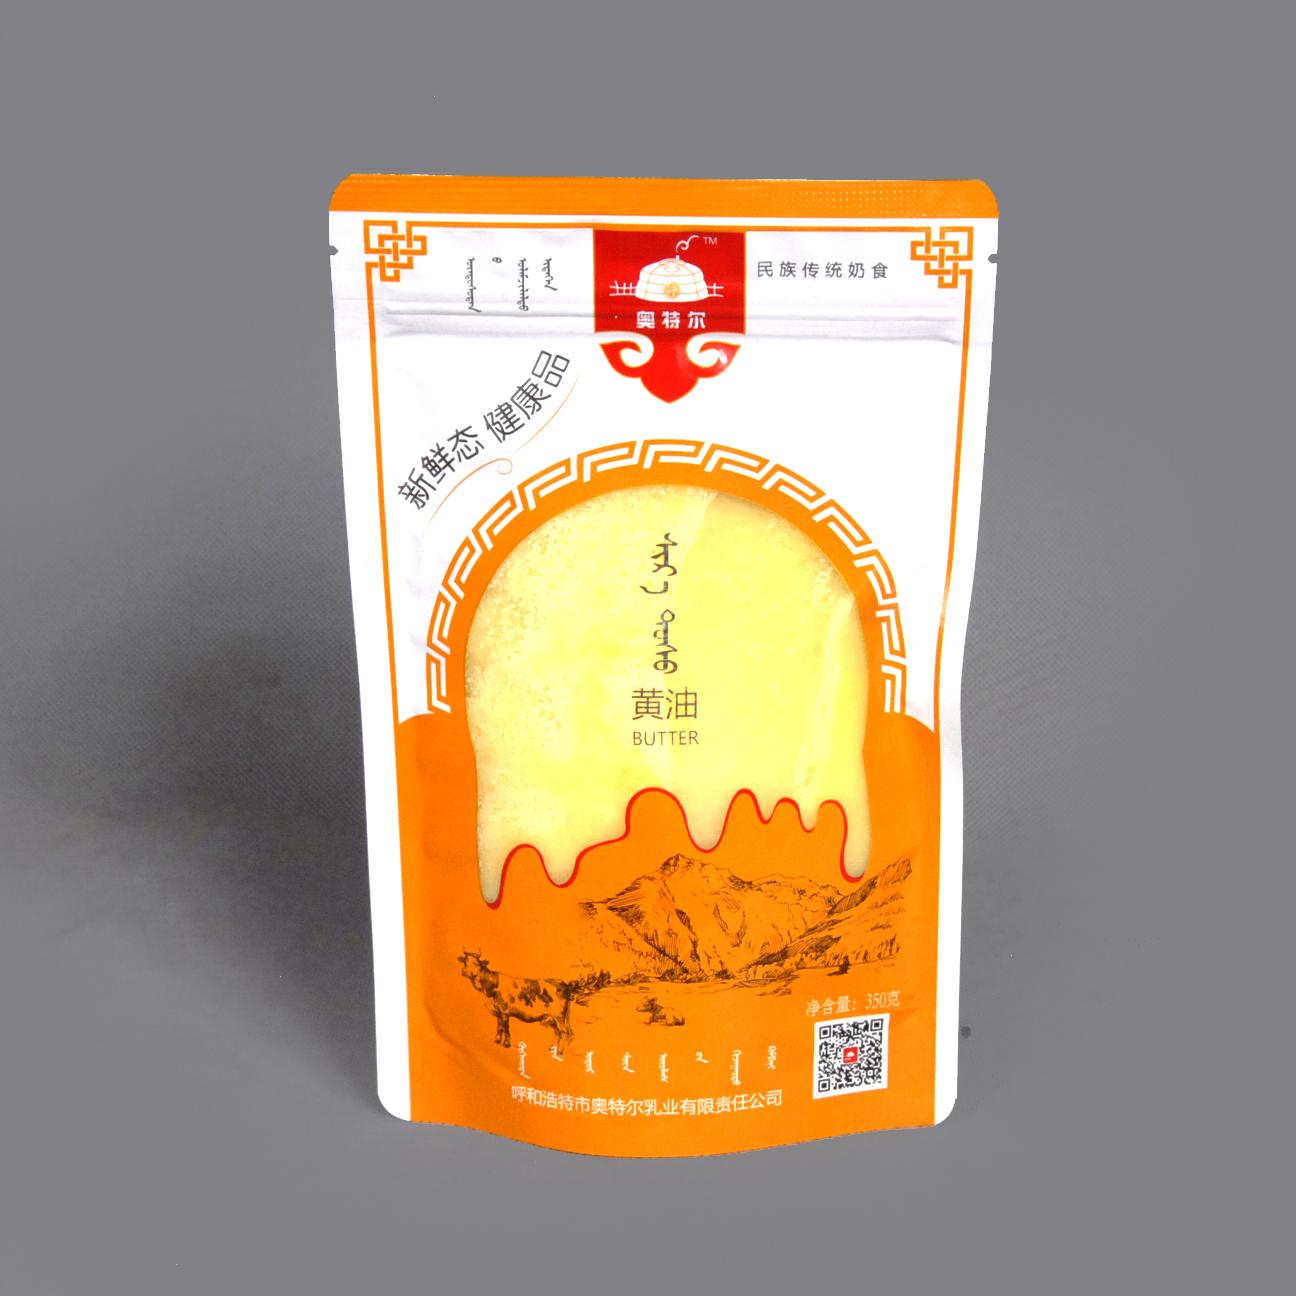 奥特尔 民族奶食黄油  350ml 装厂家直营